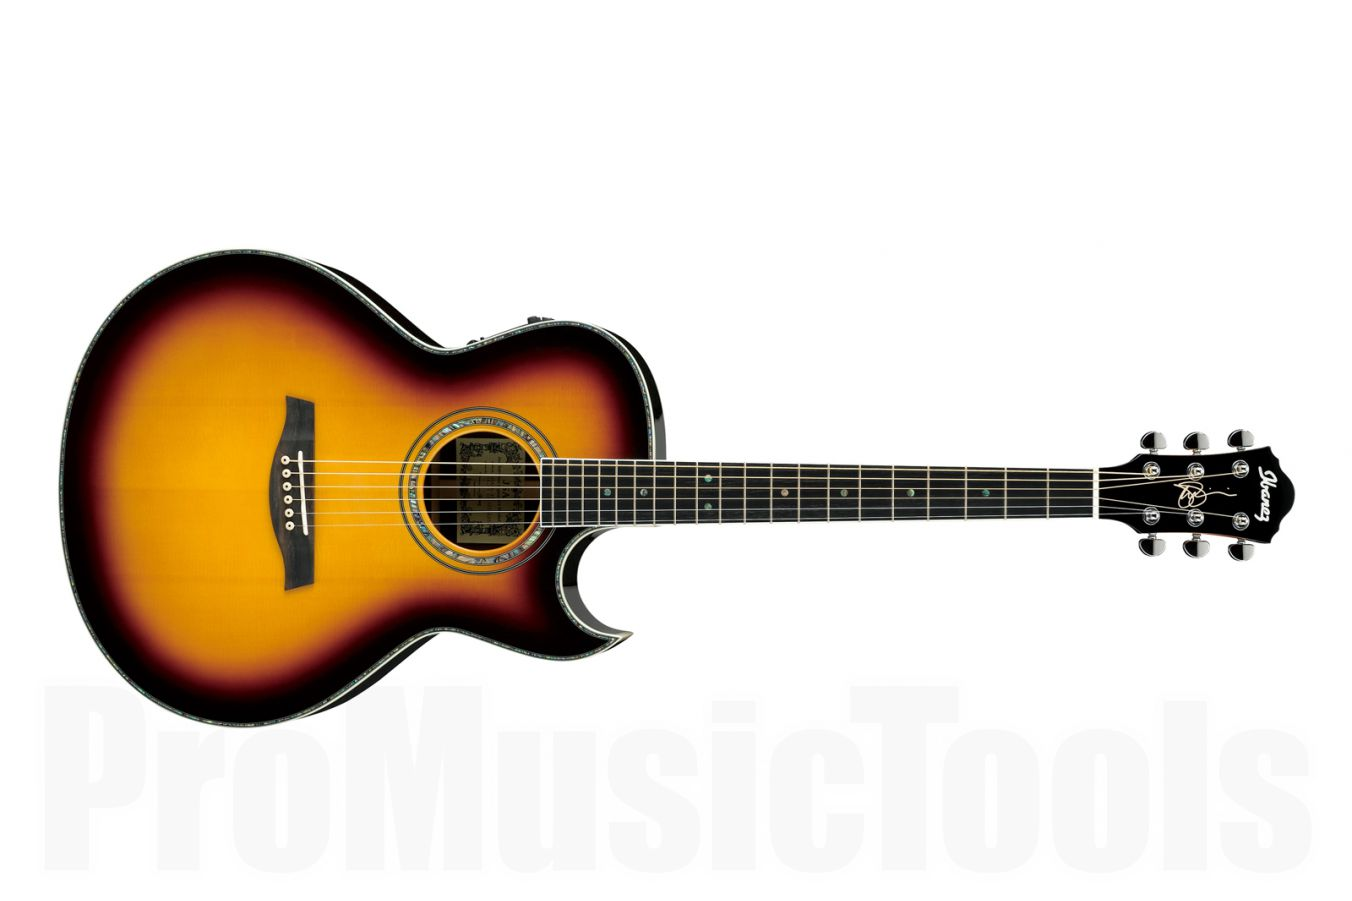 Ibanez JSA20 VB - Vintage Burst - Joe Satriani Signature - demo